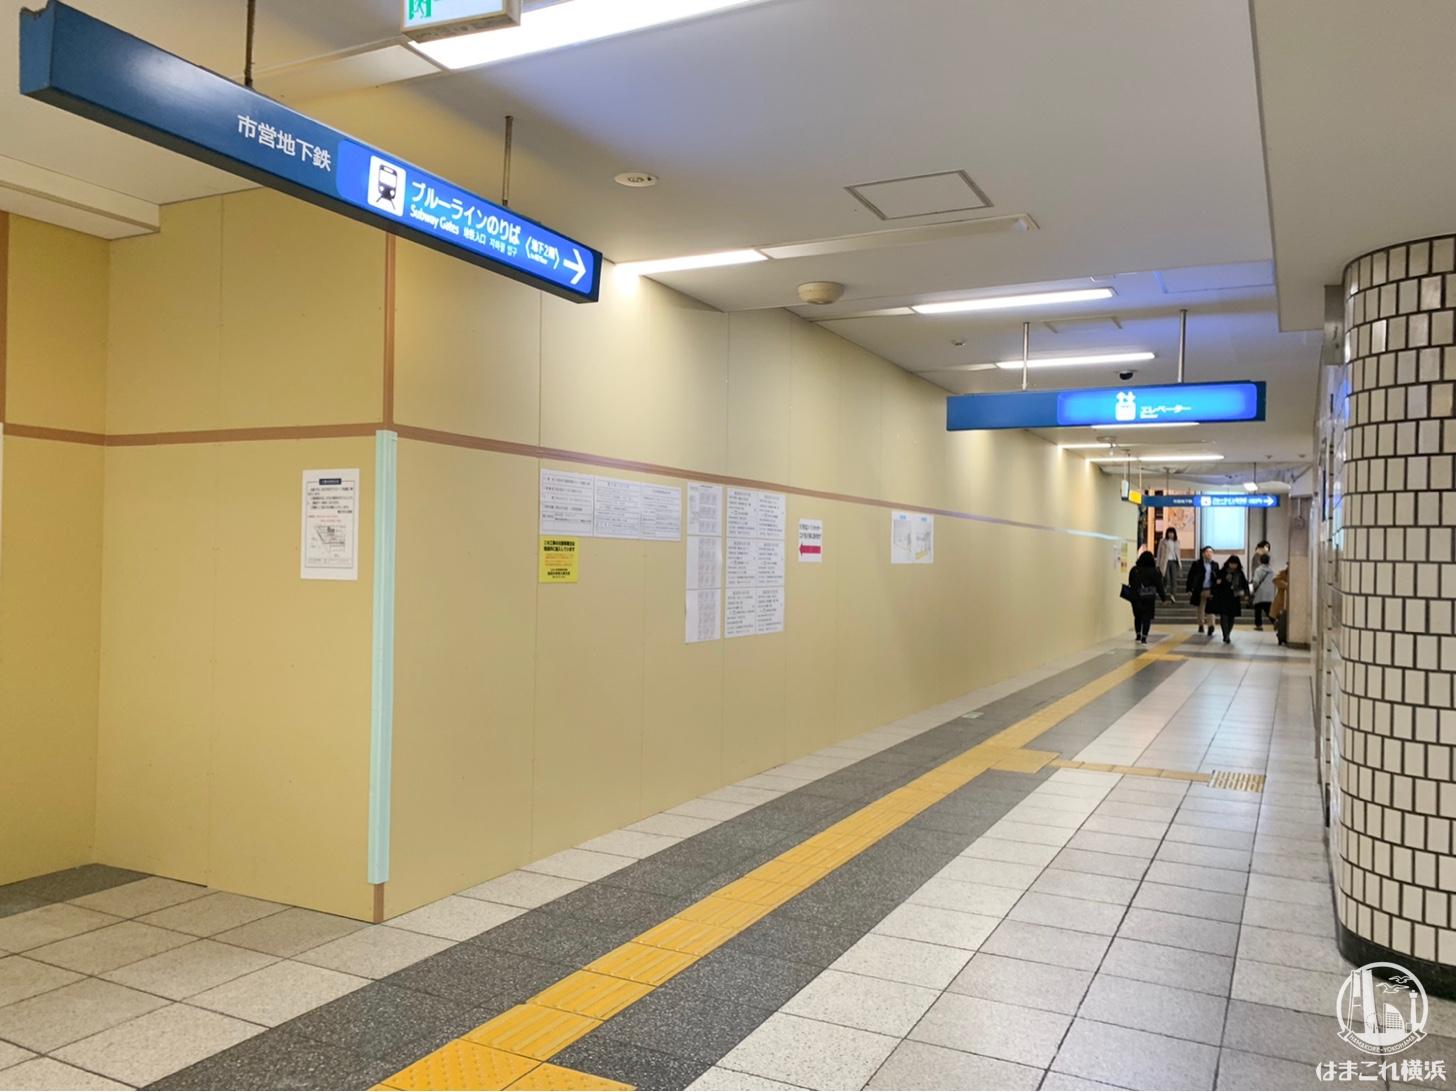 横浜駅 市営地下鉄 地下1階 スロープ新設